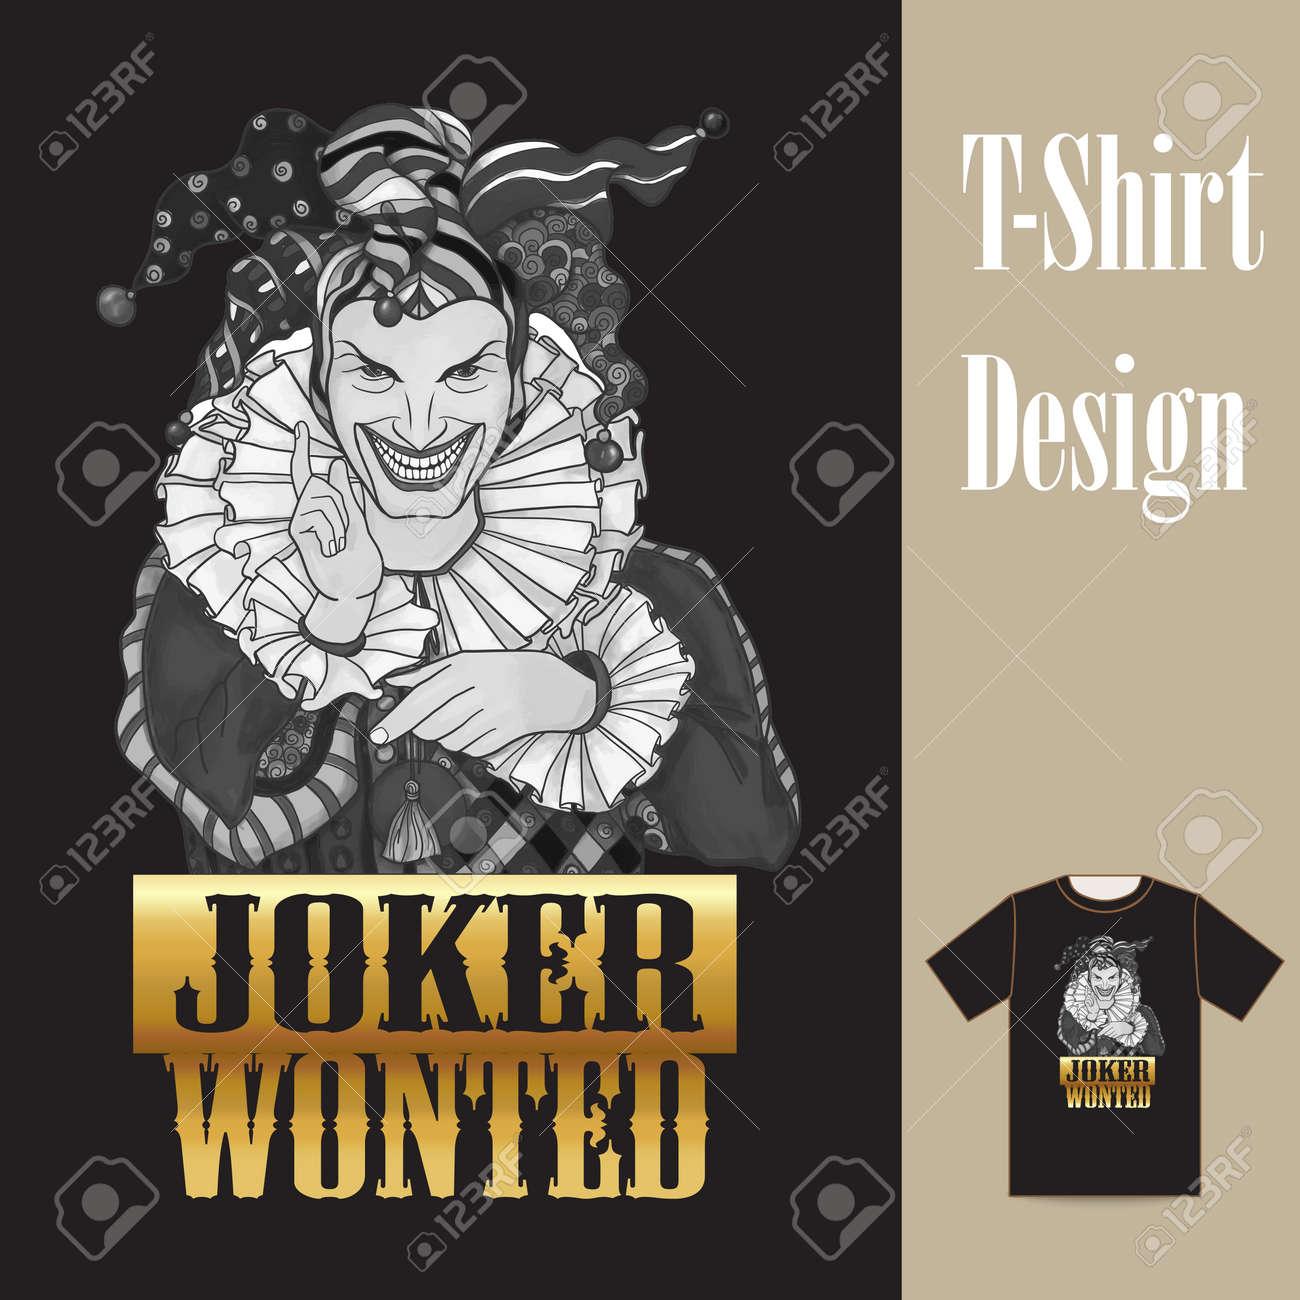 Joker Men In Joker Costume This Illustration Can Be Used As